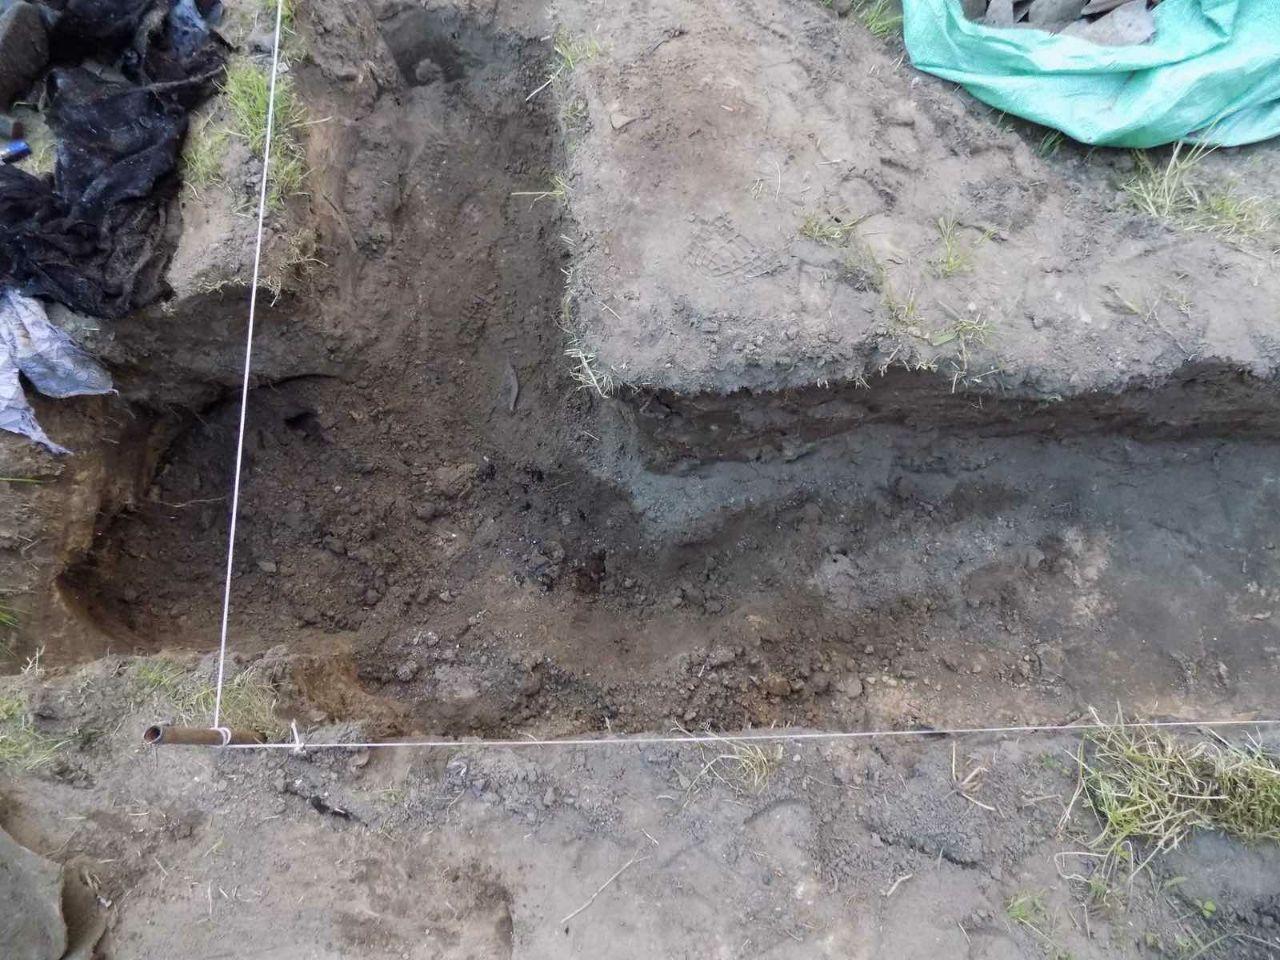 Житель Бобруйска обнаружил останки женщины во дворе